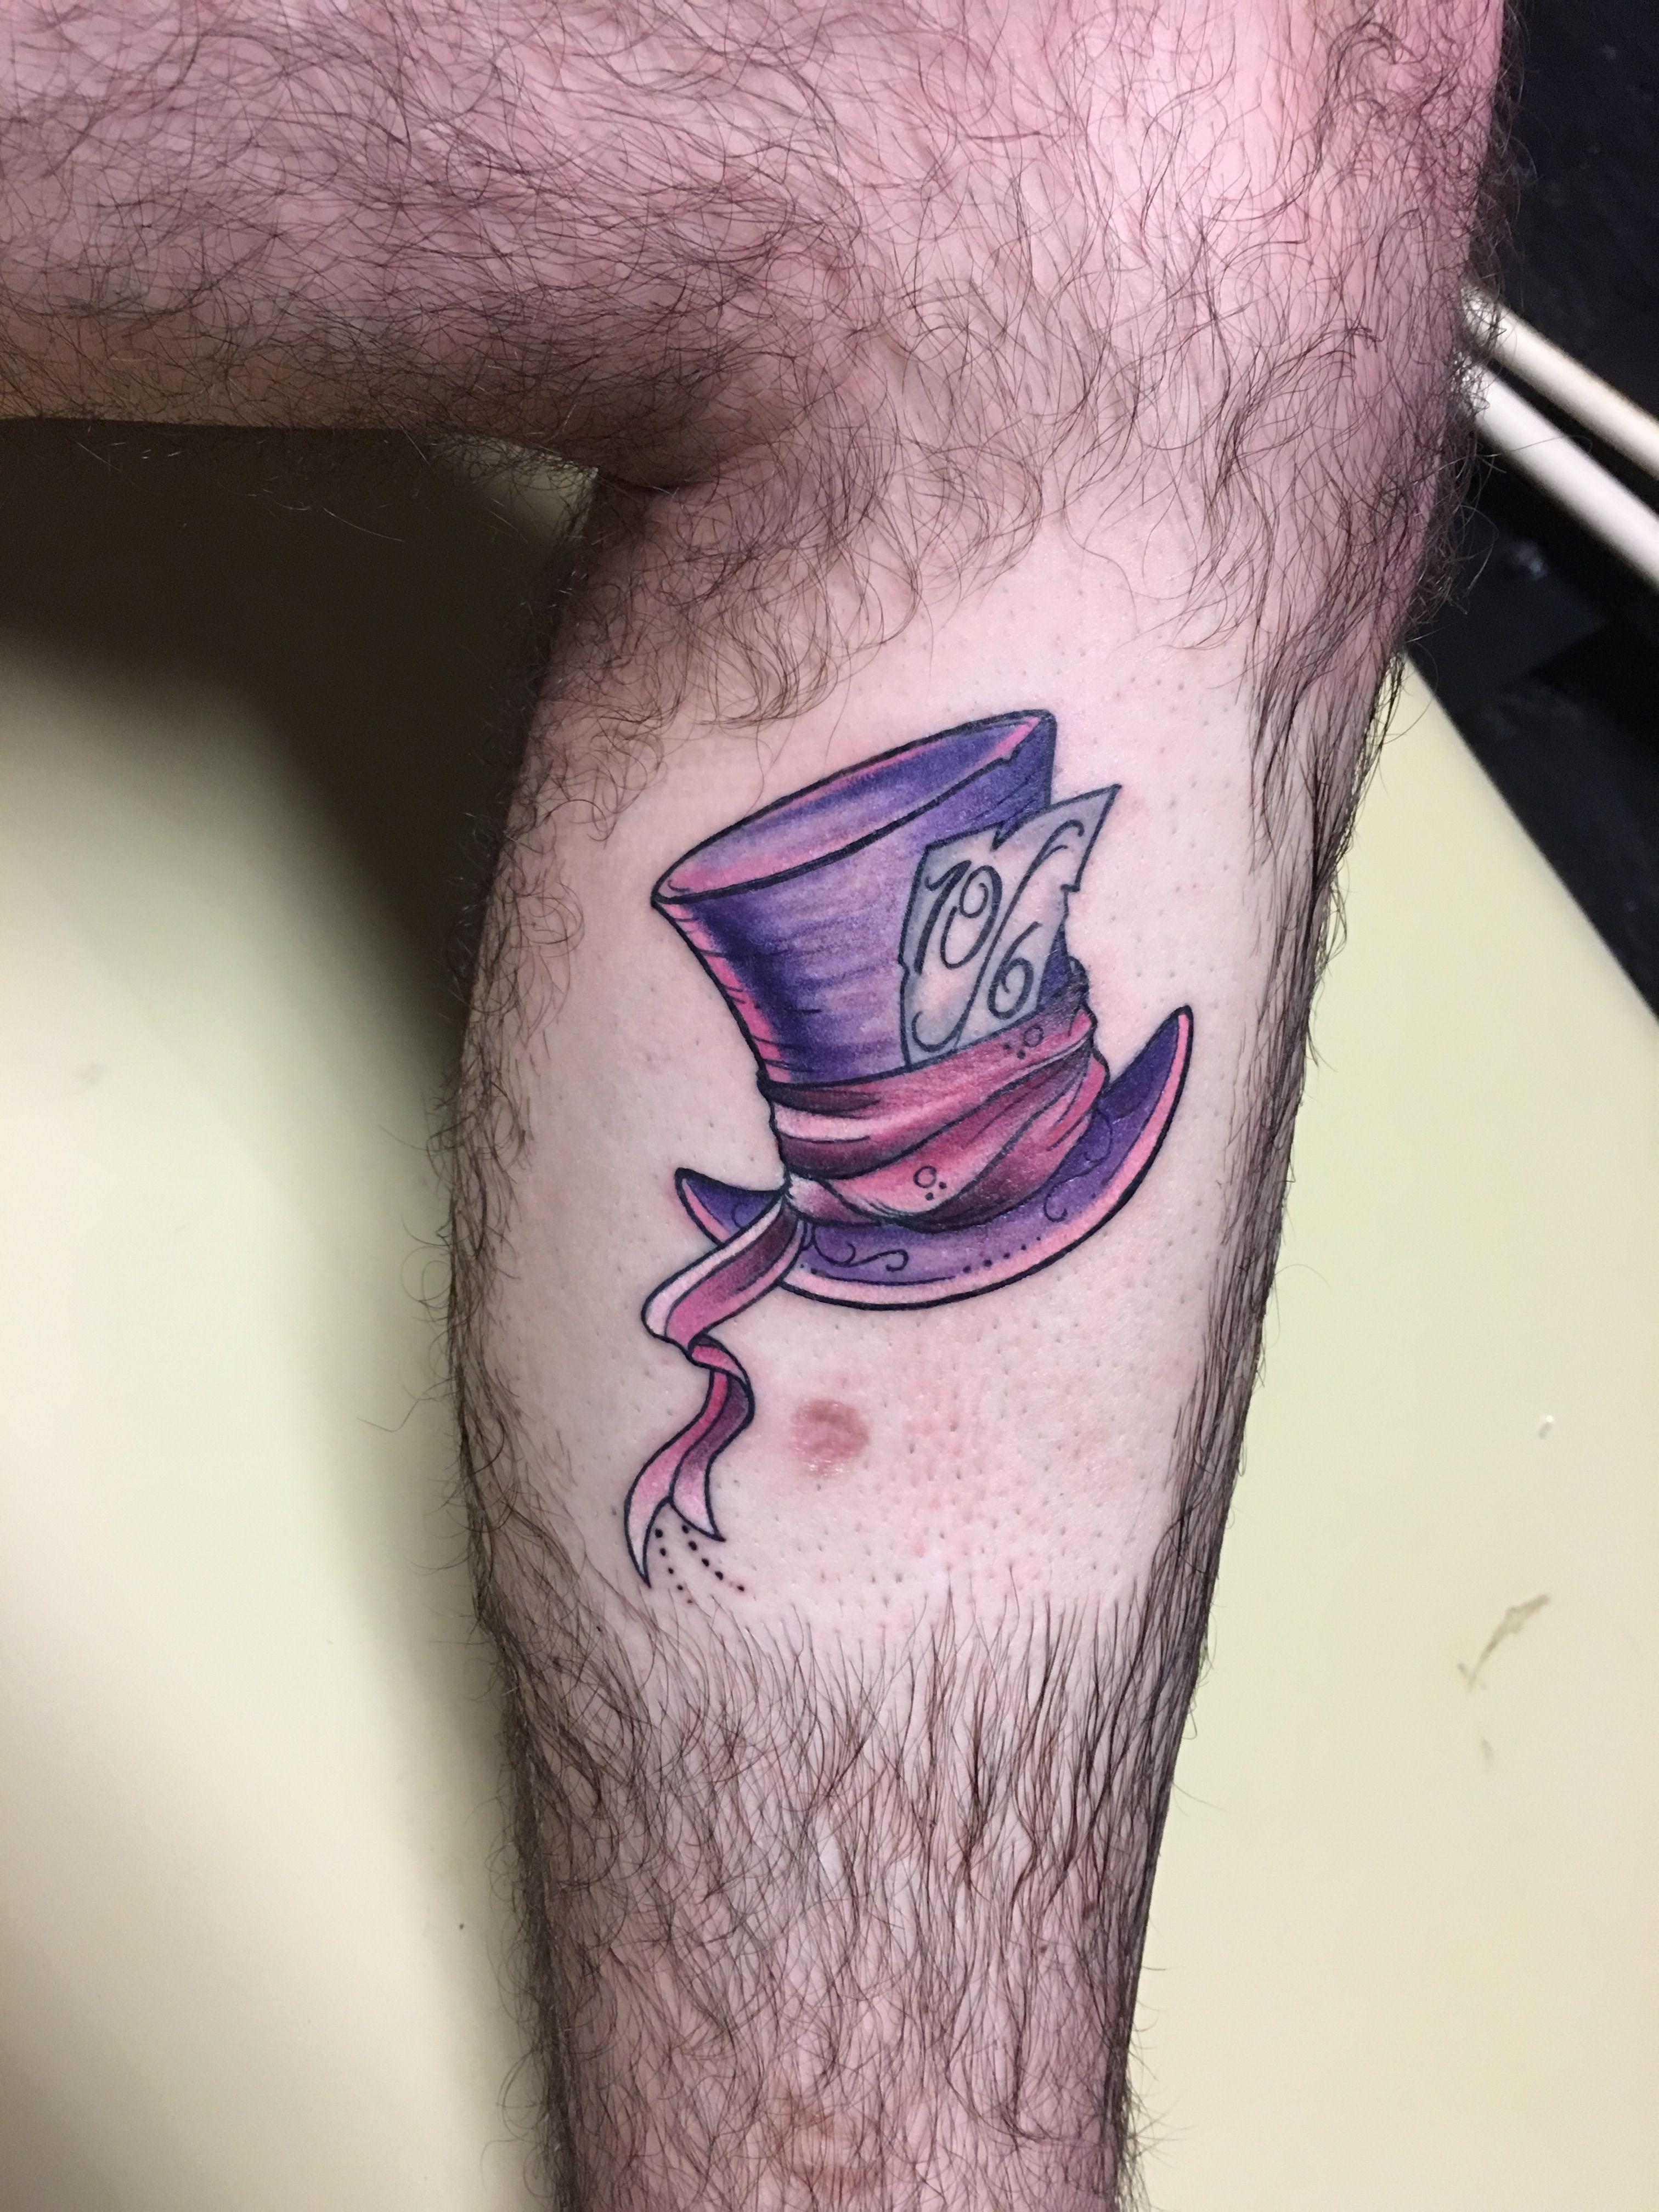 Mad hatter tattoo by Rio Vandivier Daytona Beach Fl Alice in ...